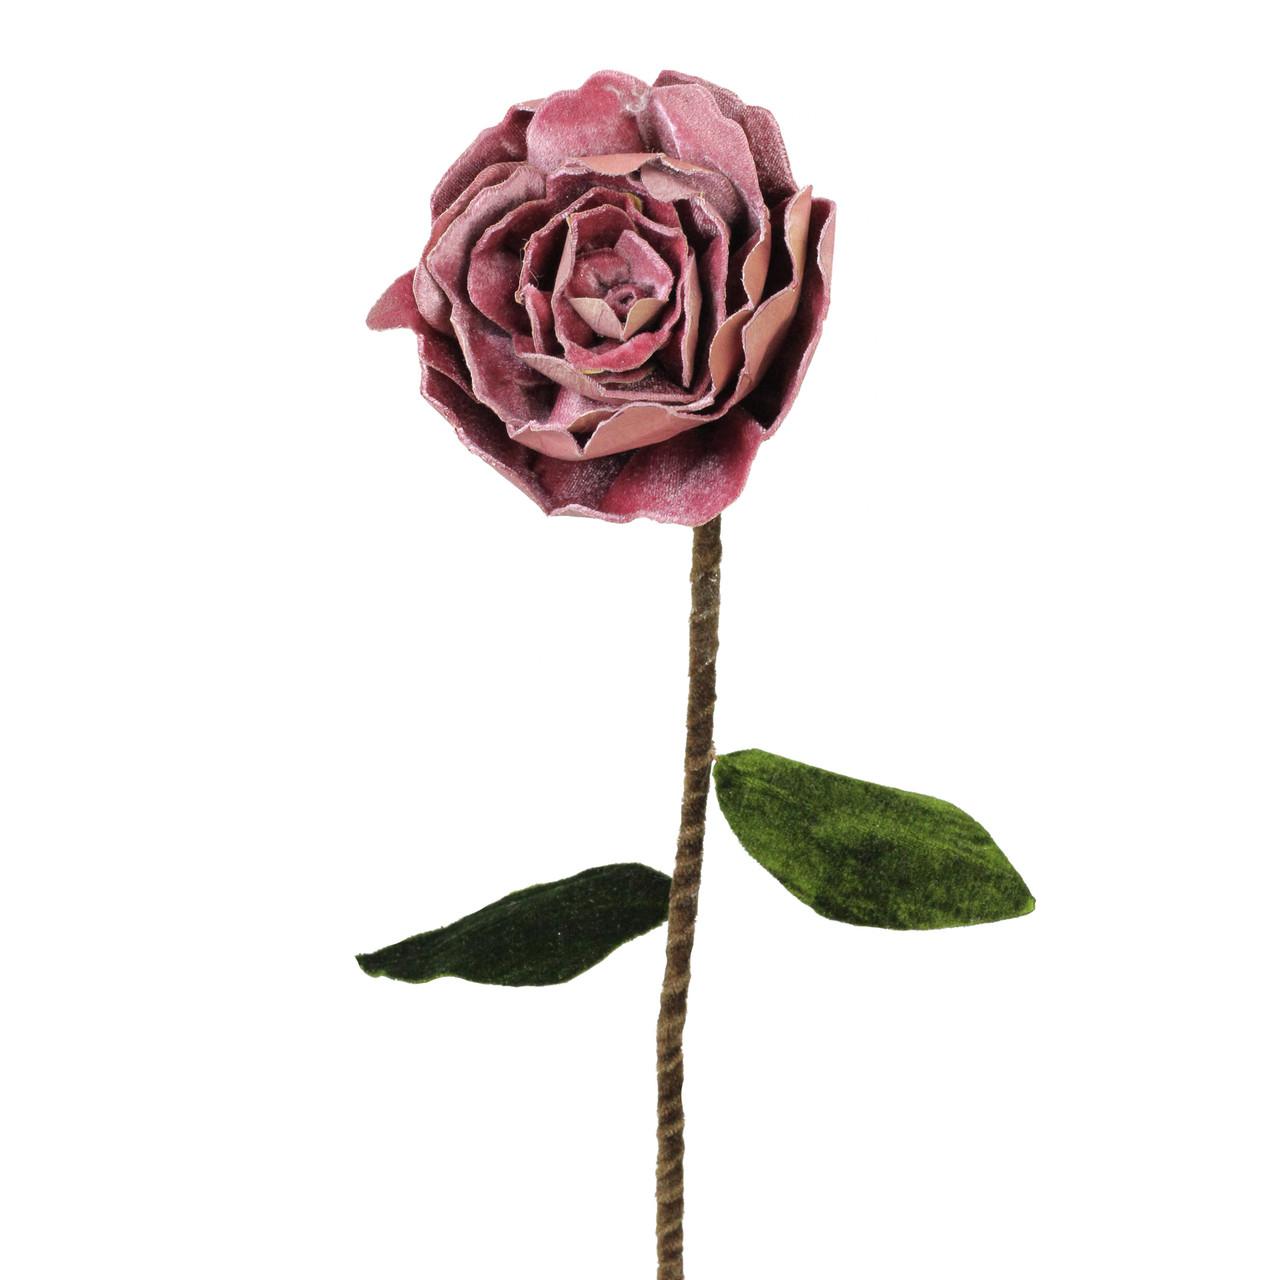 20 natures luxury decorative dusty pink velvet peony flower stem 20 natures luxury decorative dusty pink velvet peony flower stem 32638547 mightylinksfo